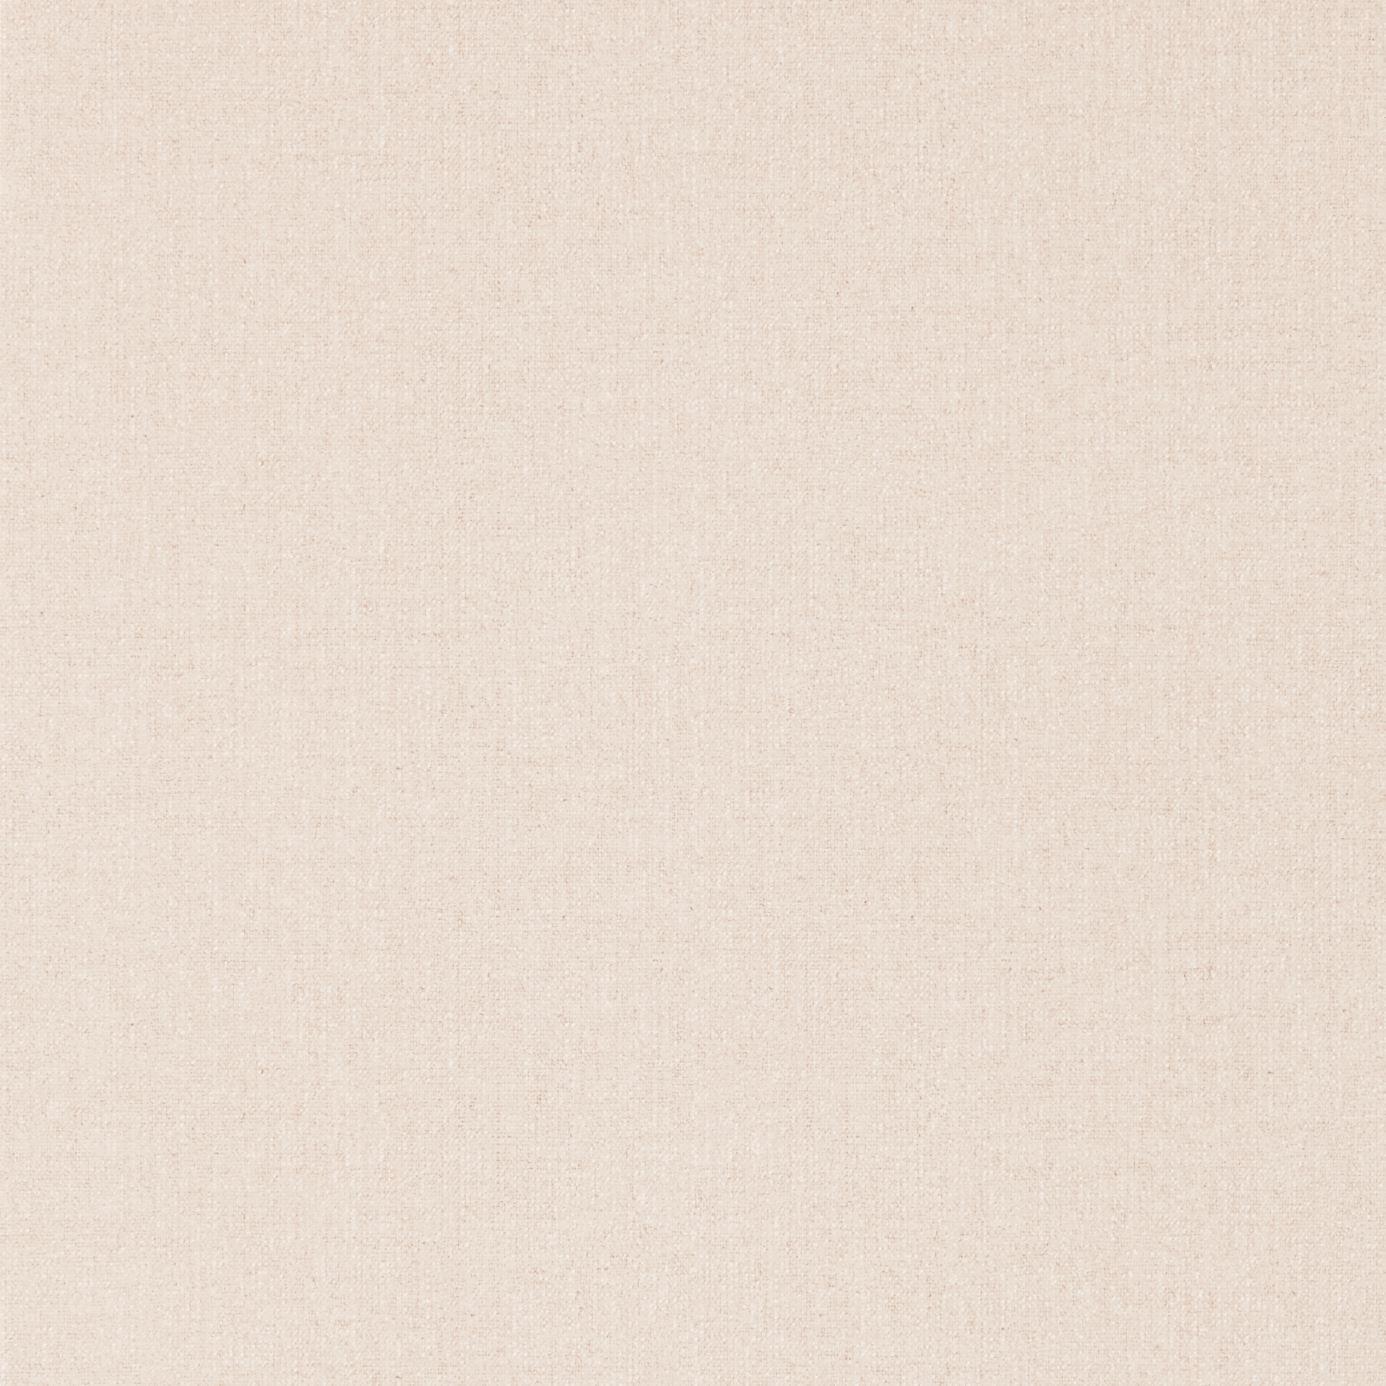 Английские обои Sanderson,  коллекция Sojourn, артикул215447